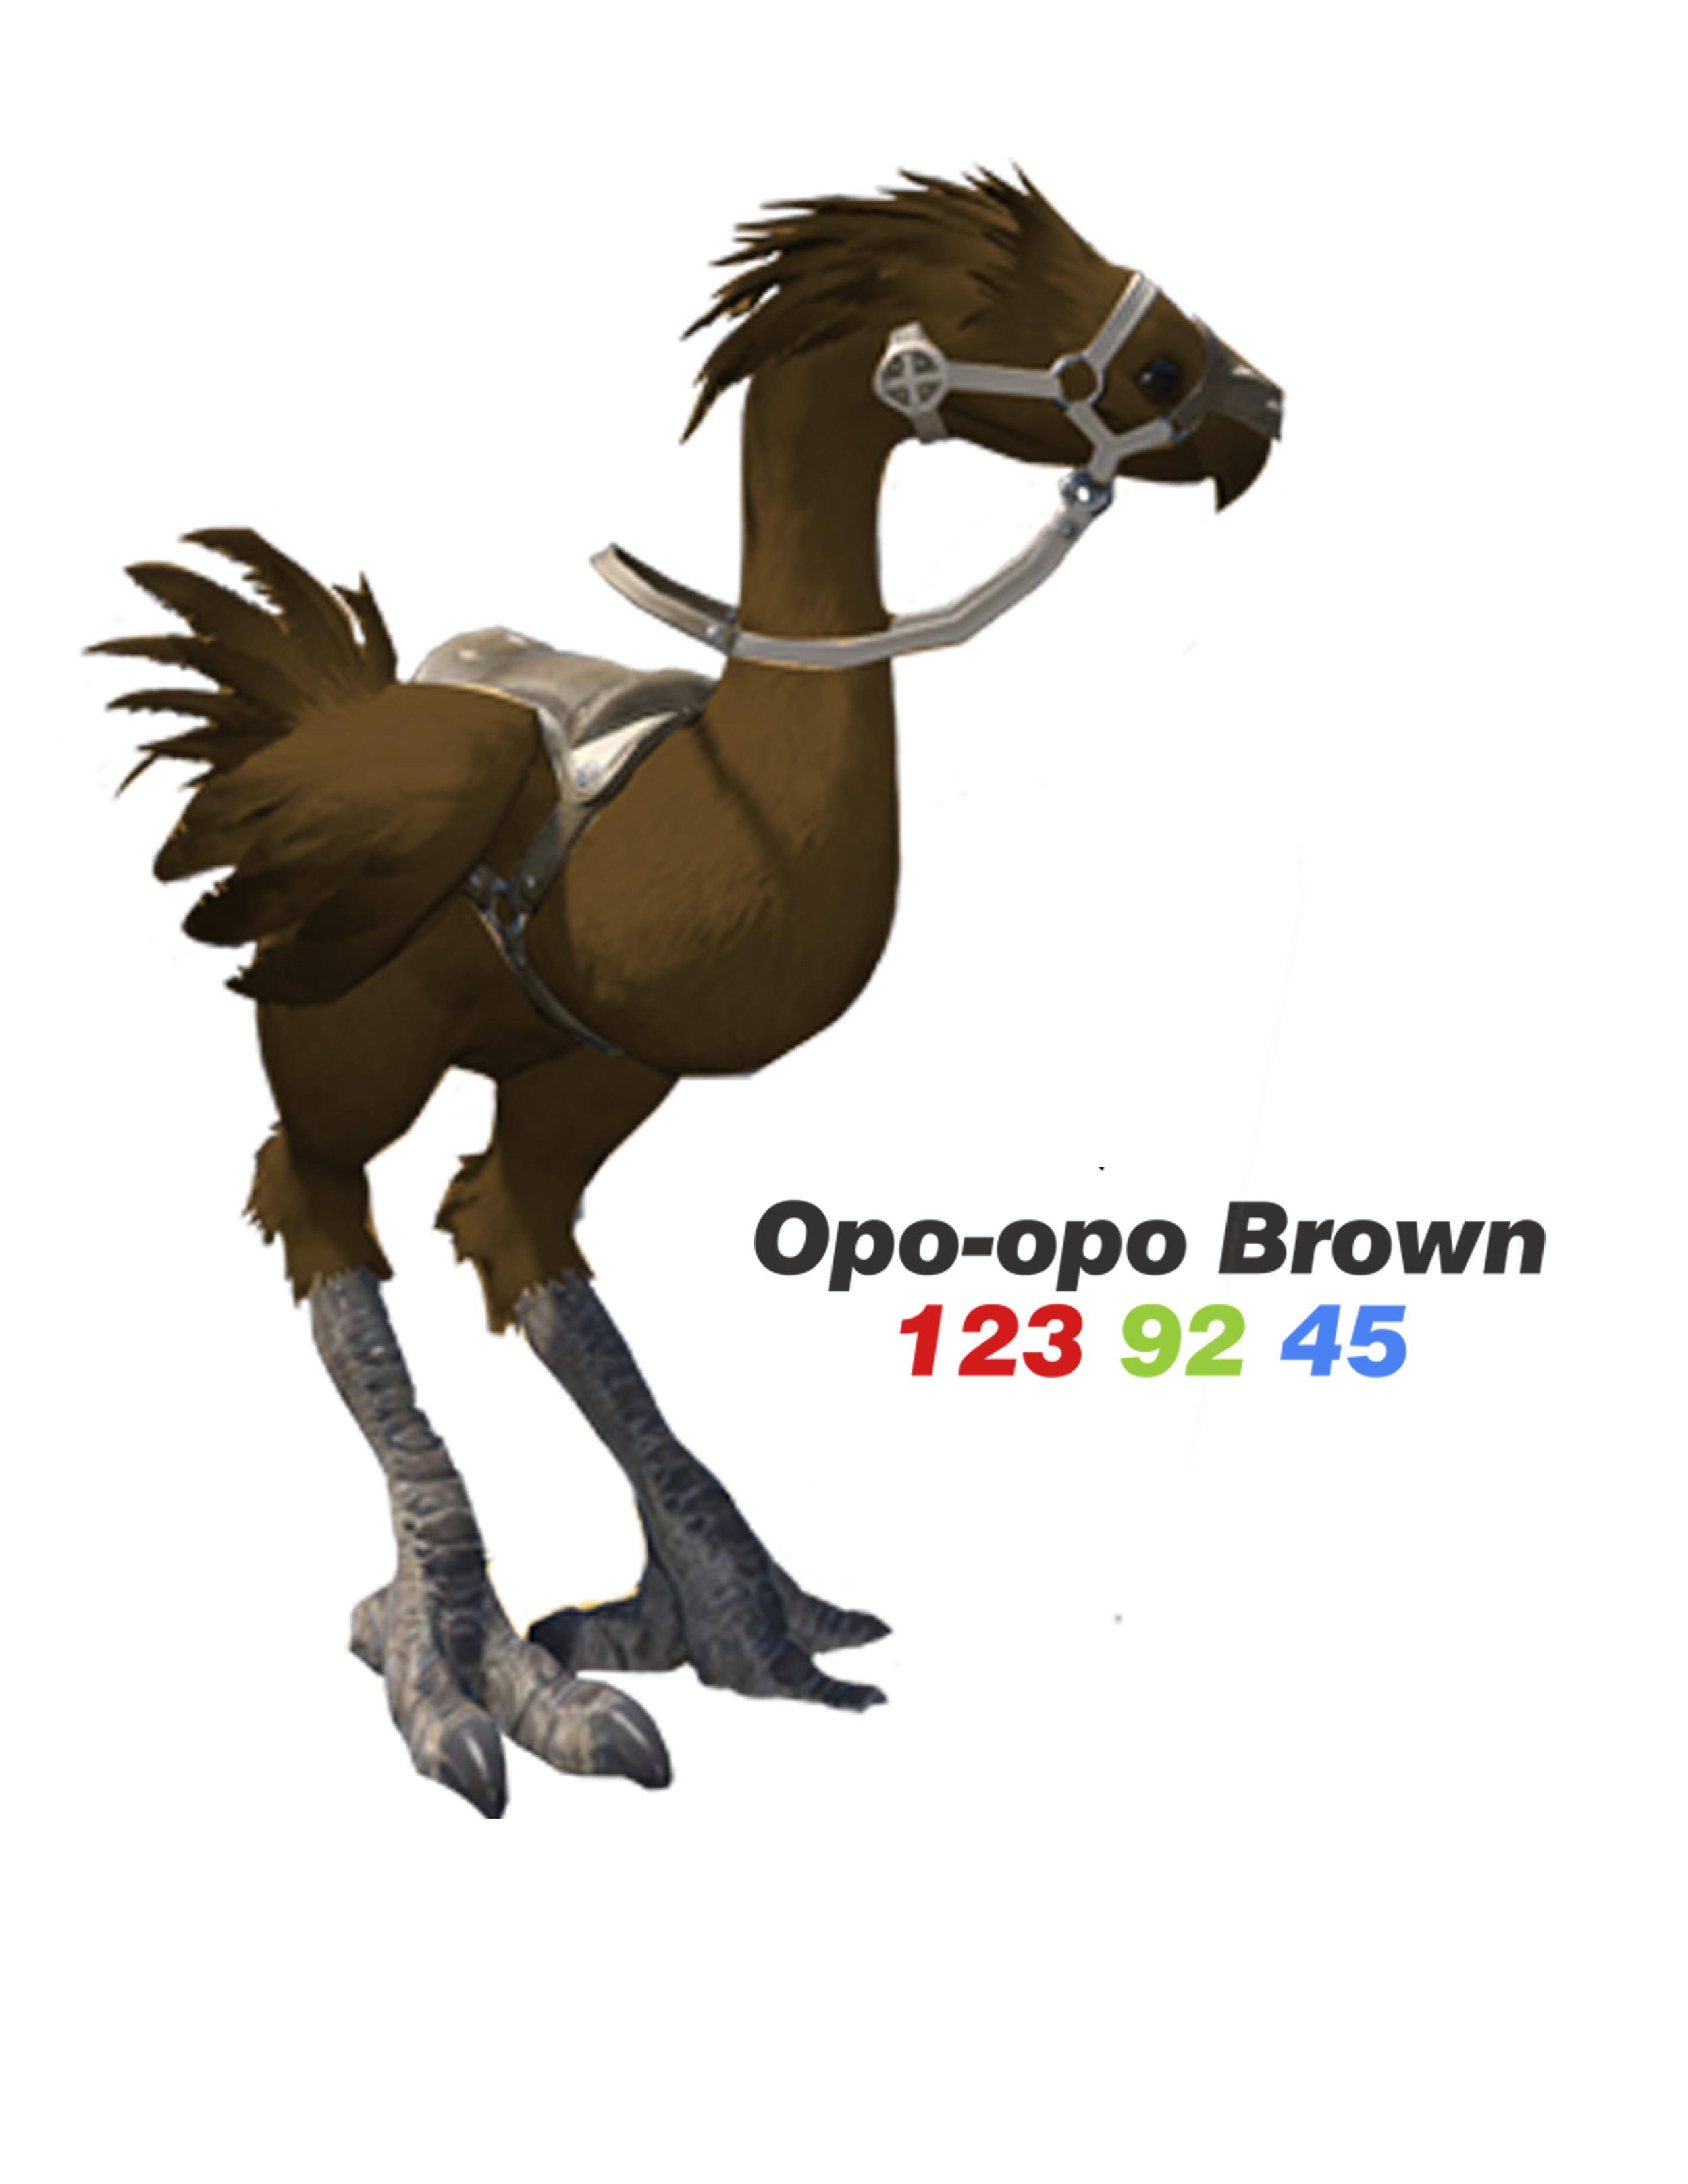 OpoOpoBrown.png